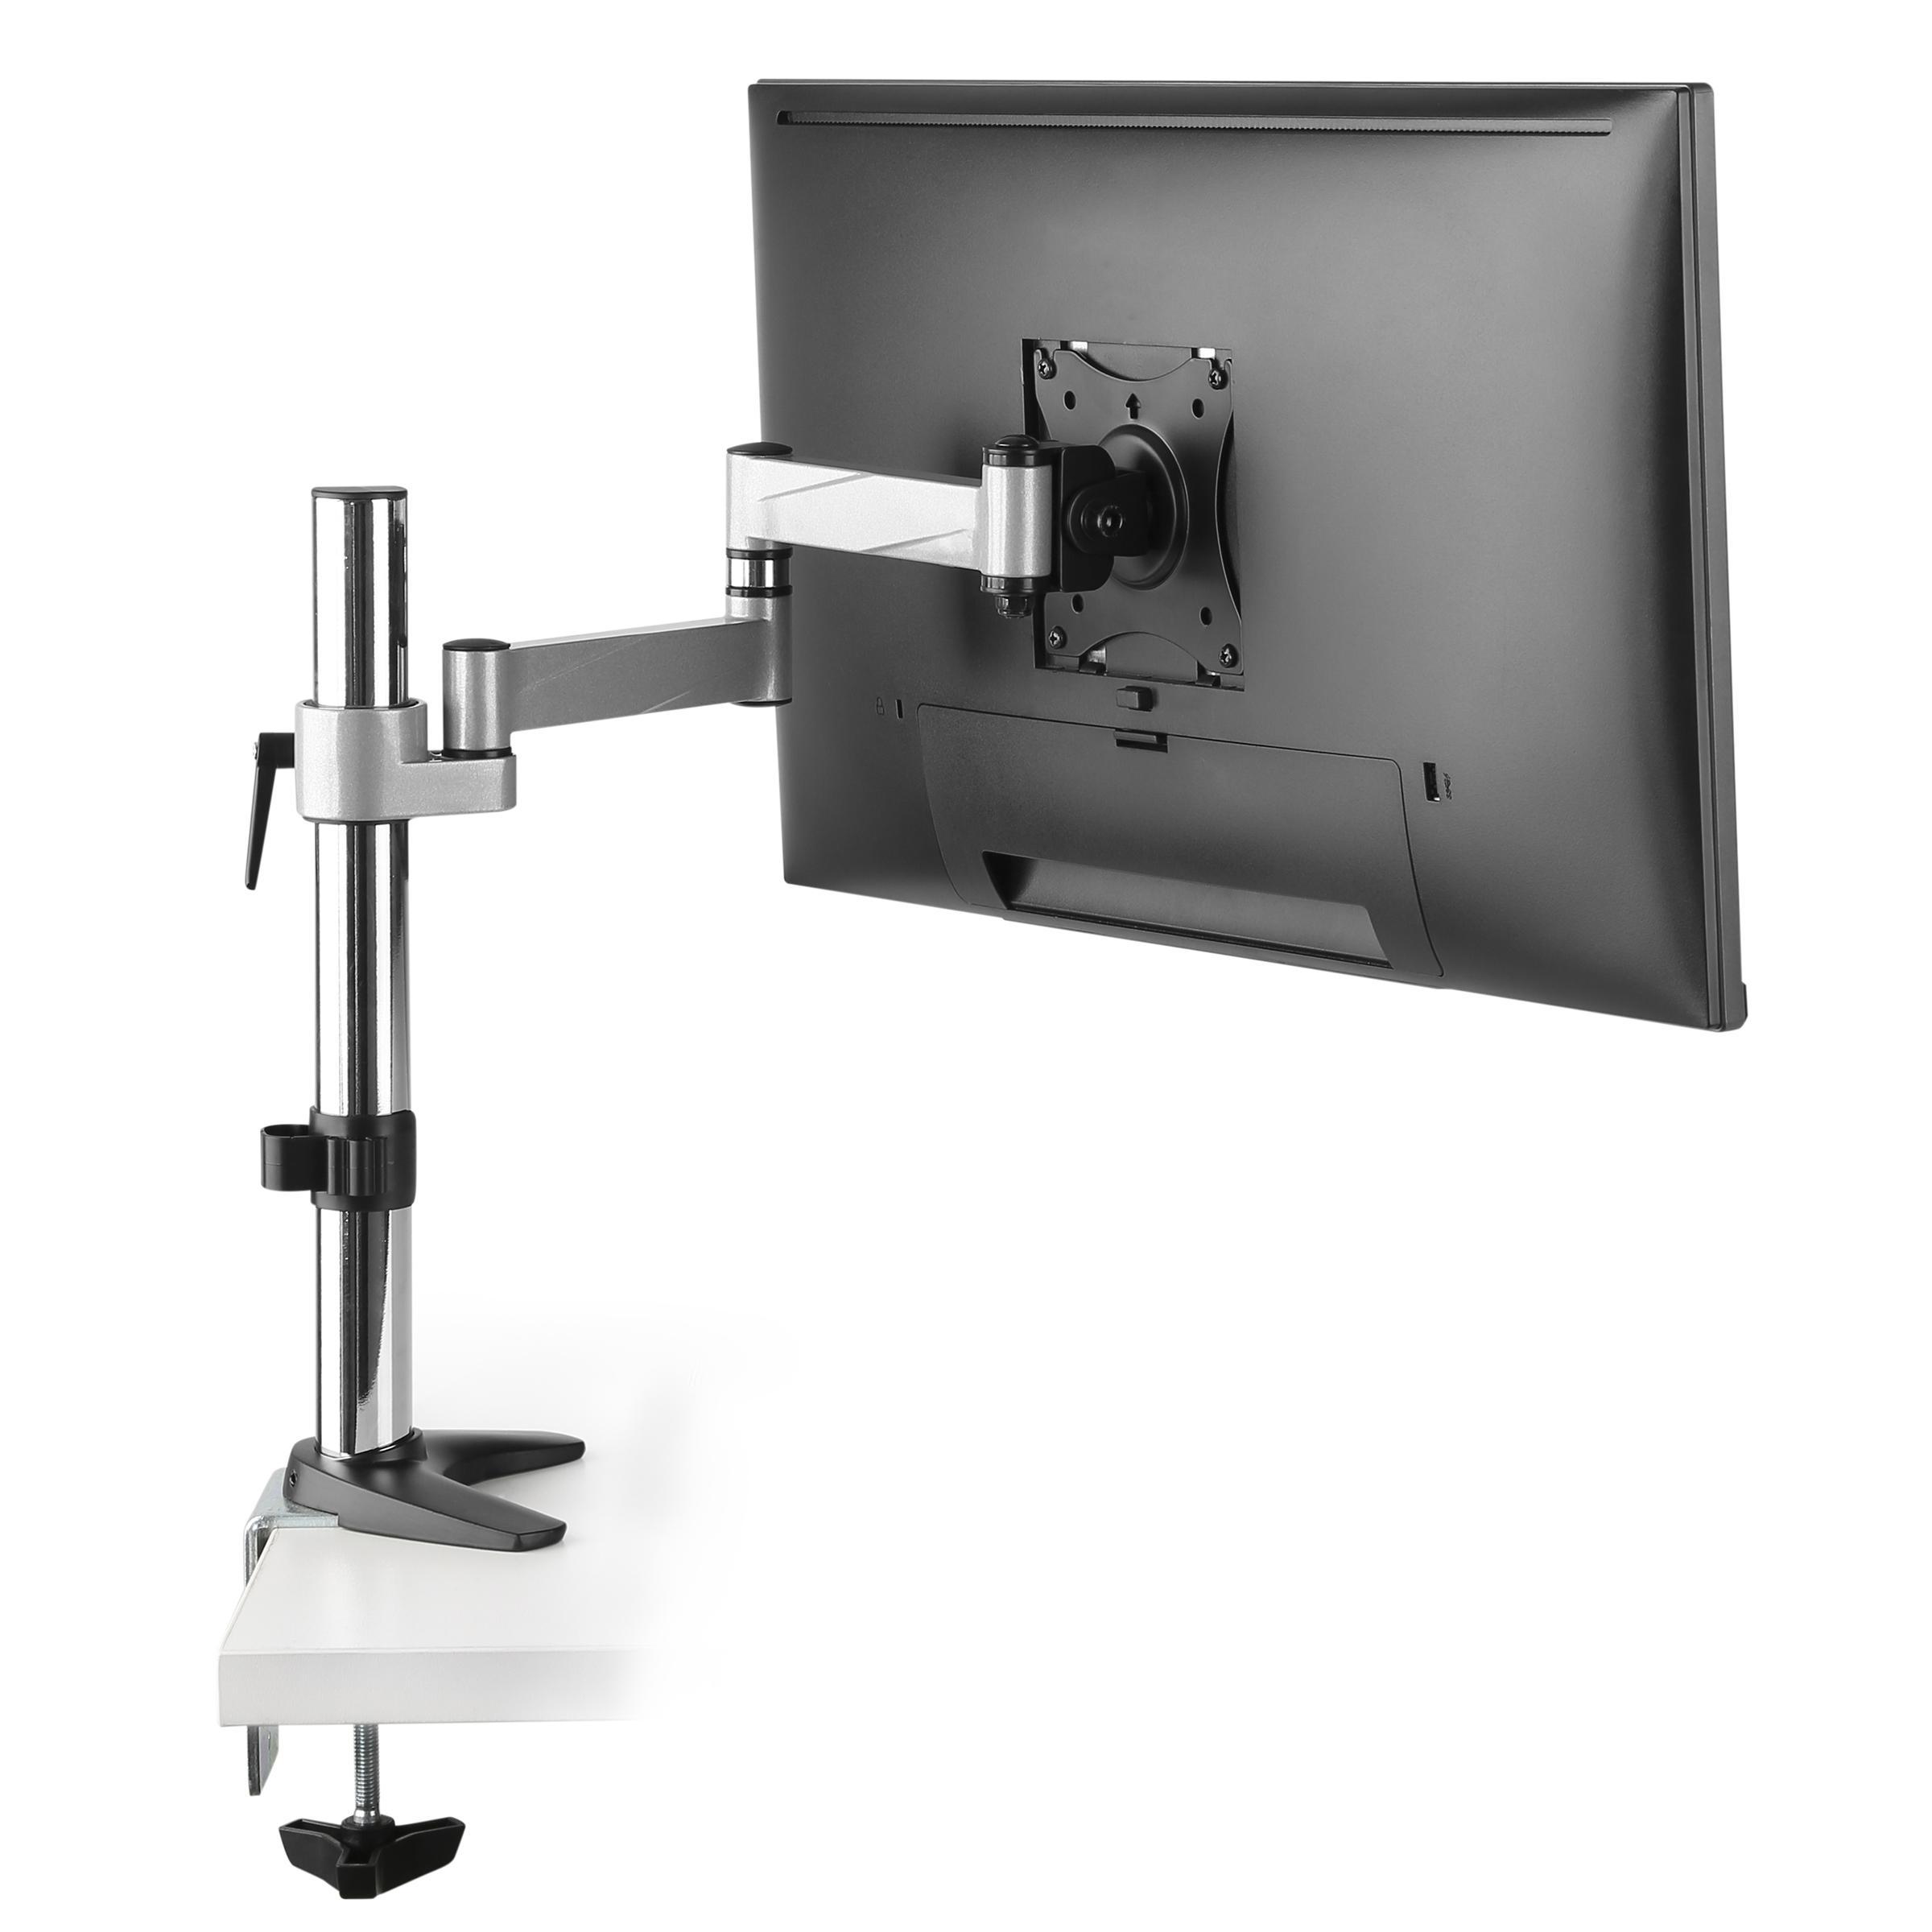 Krásný stolní držák na monitor do kanceláře nebo pracovny  - Fiber Novelty F70